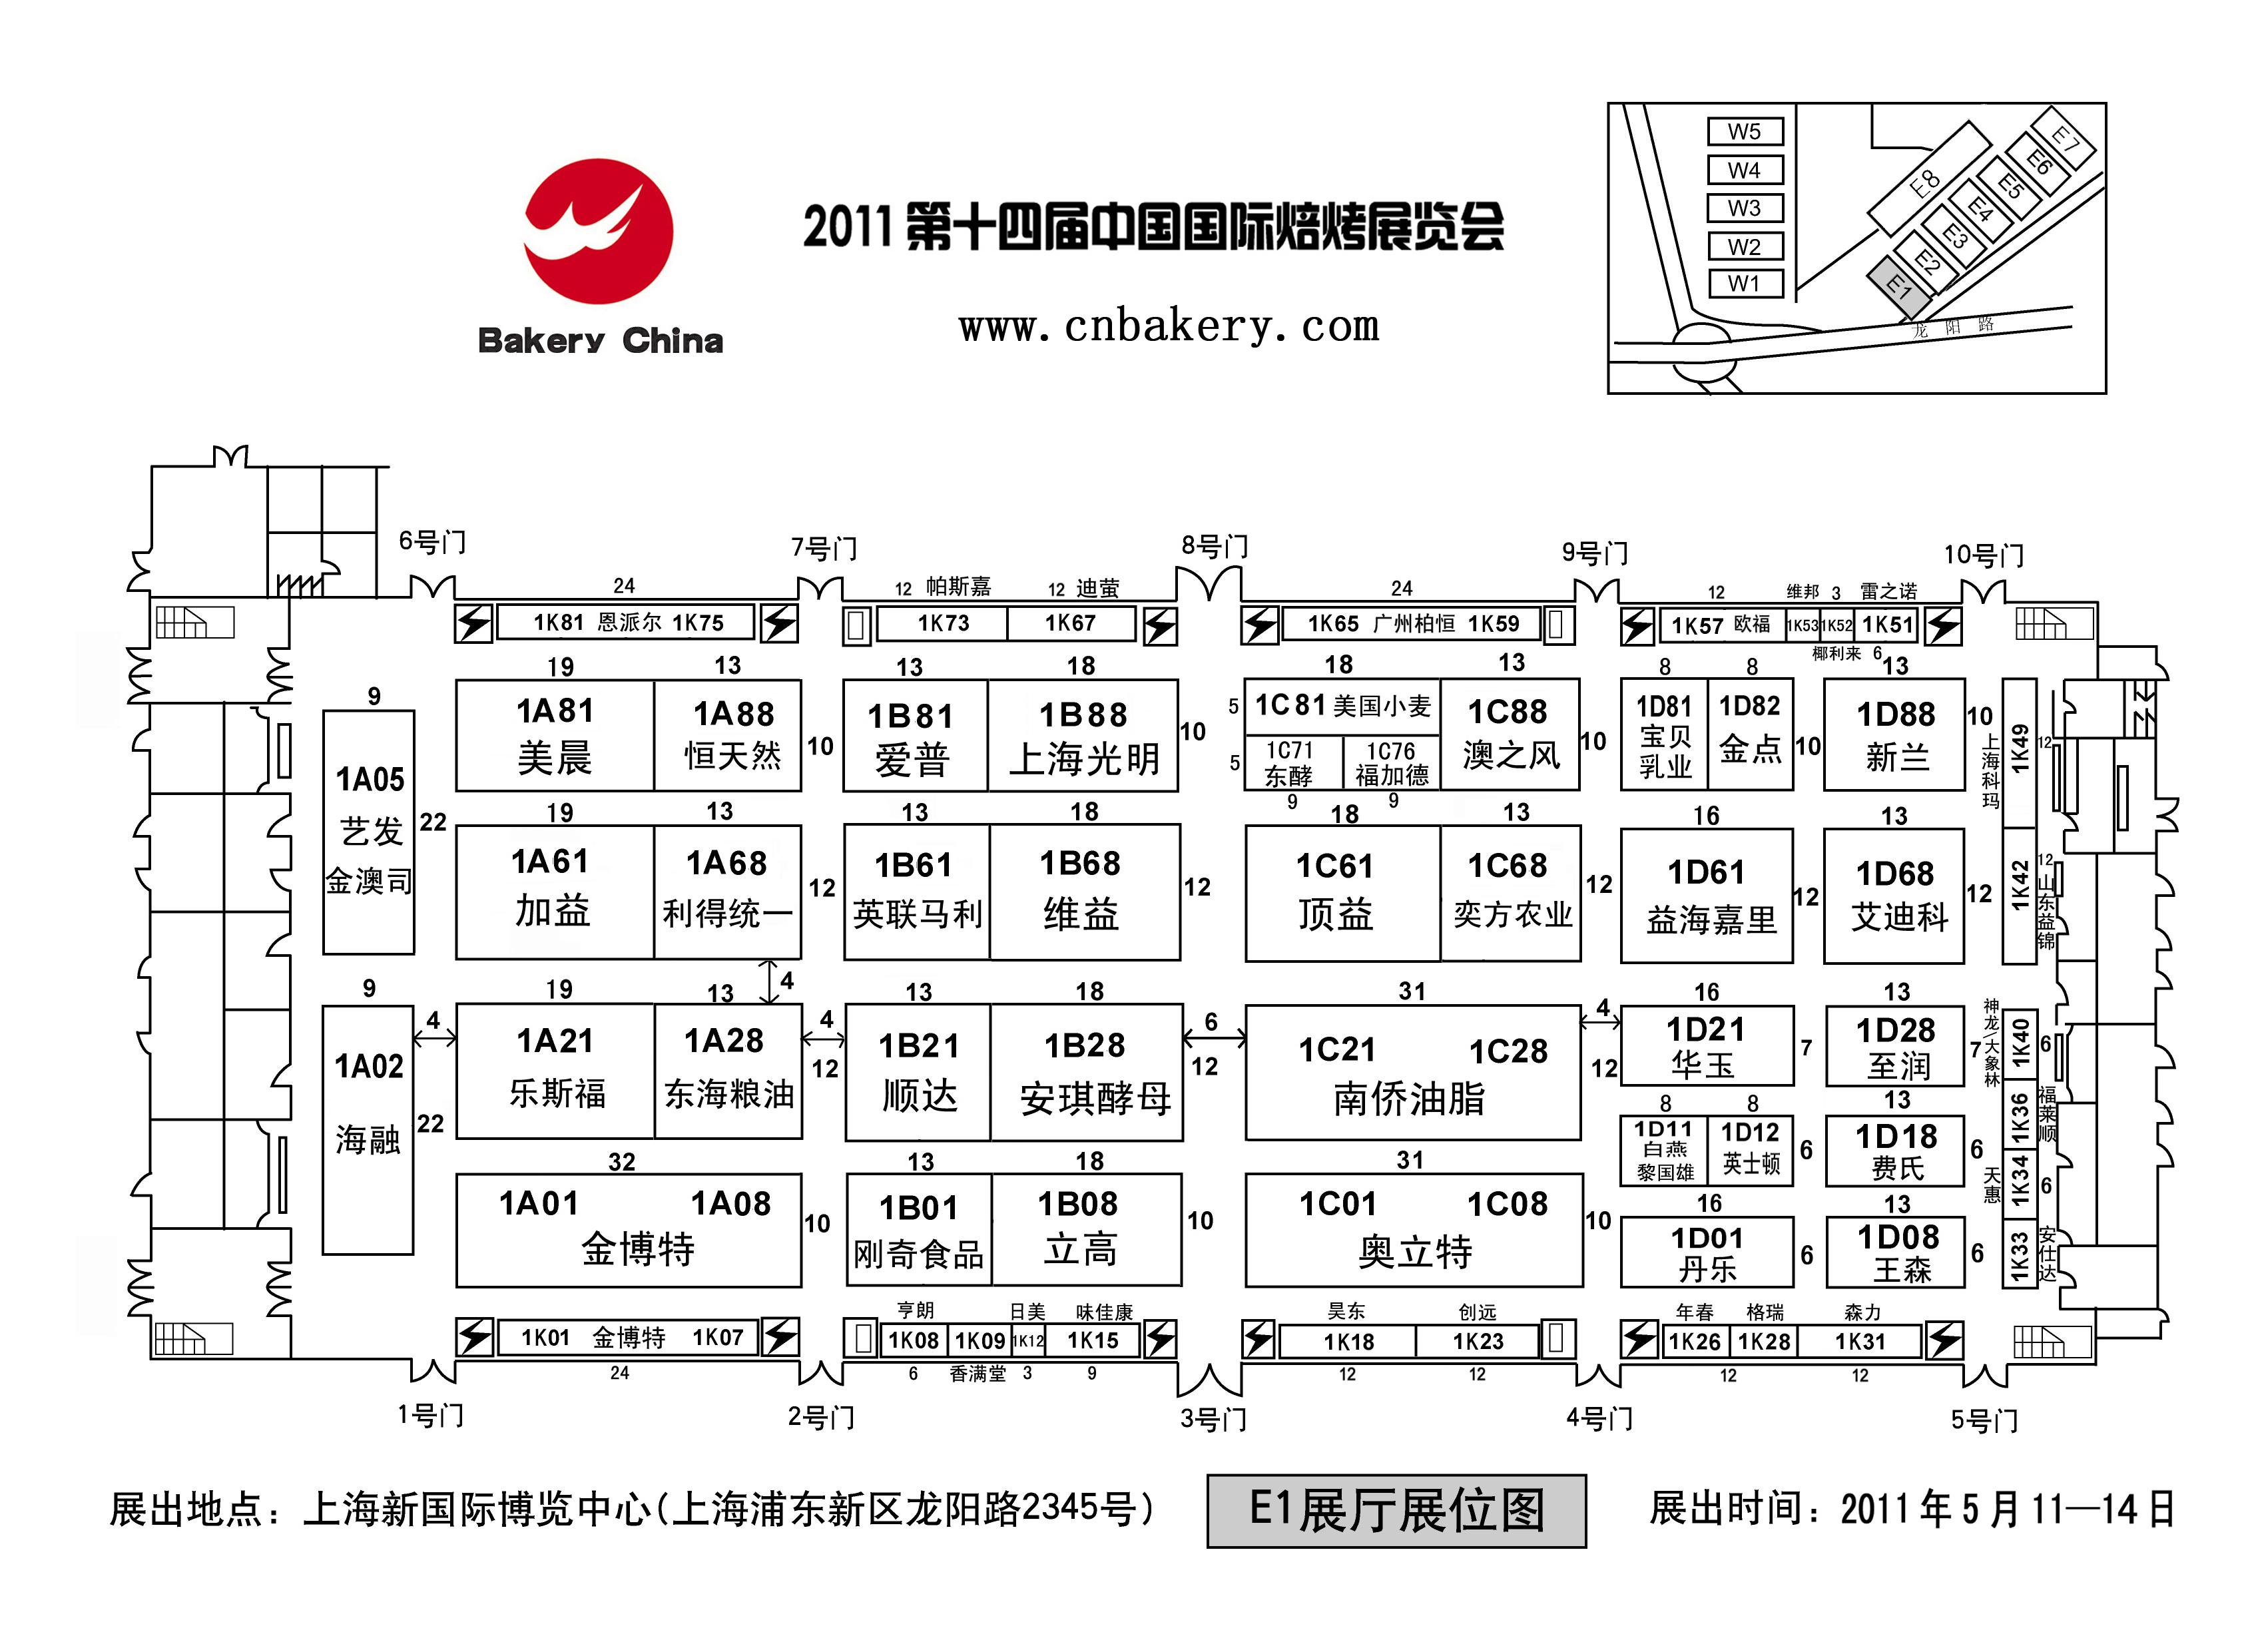 展会平面图-中国国际烘焙展览会-专题报道